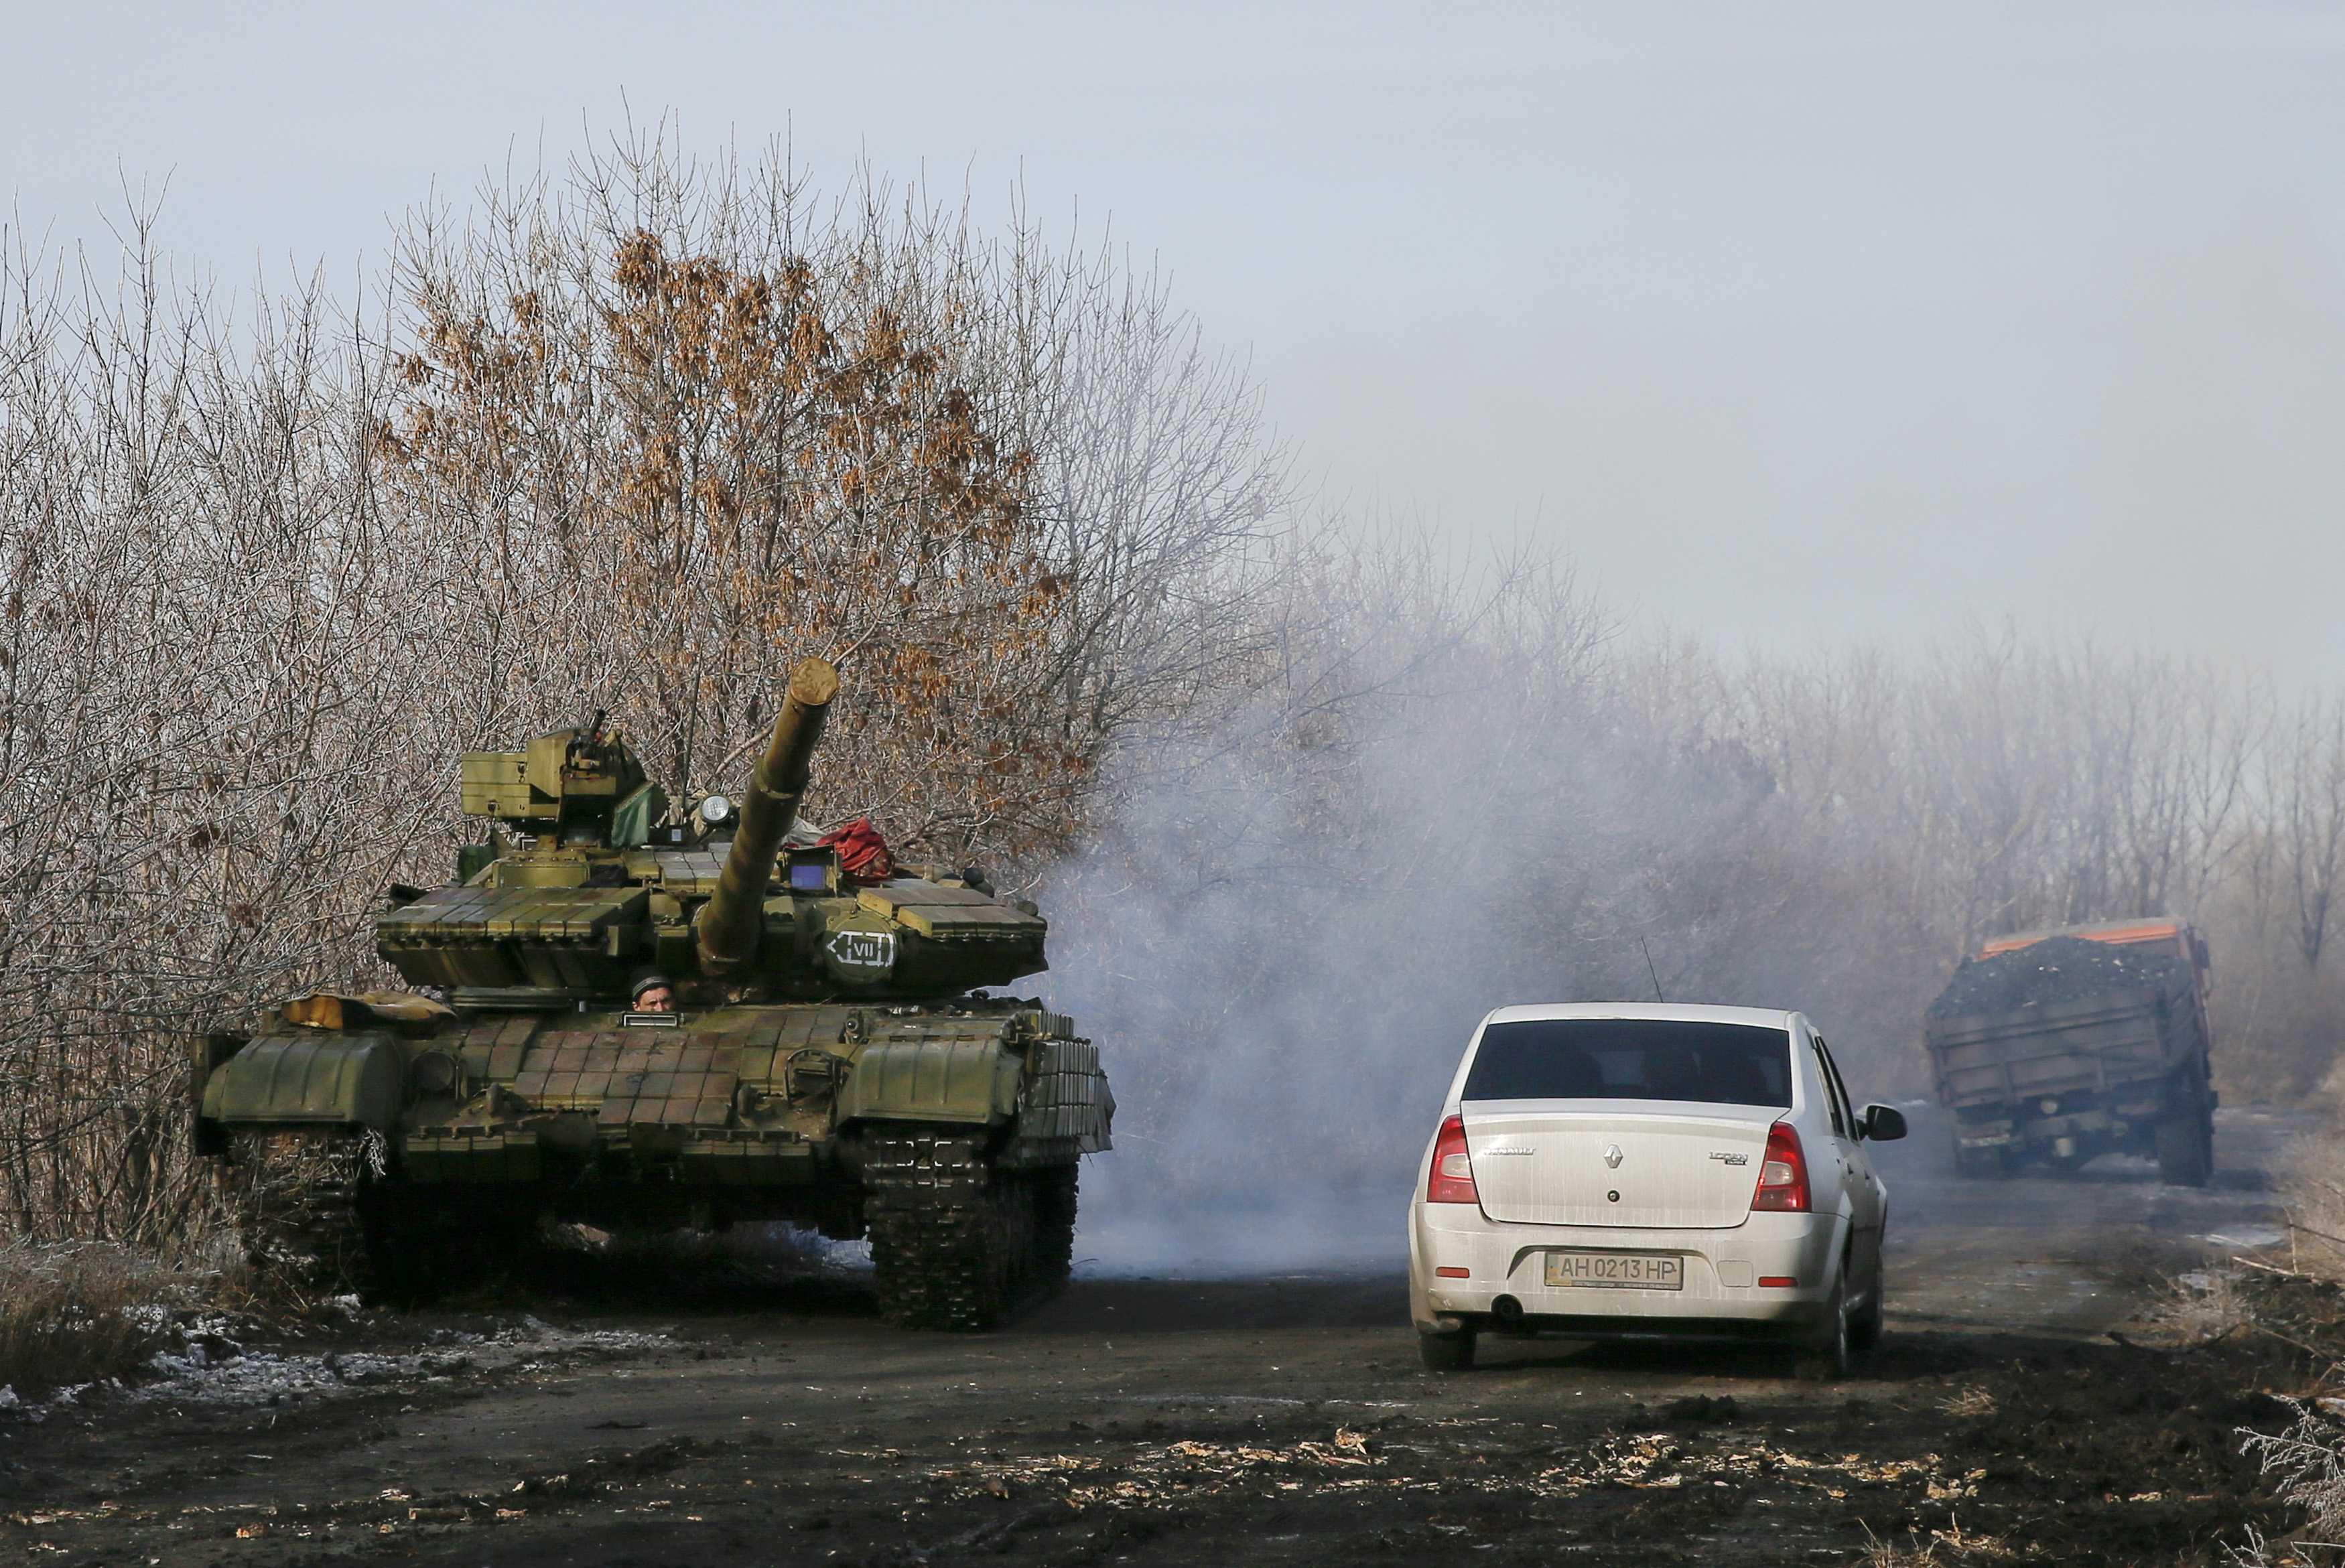 Танк боевиков на Донбассе, иллюстрация